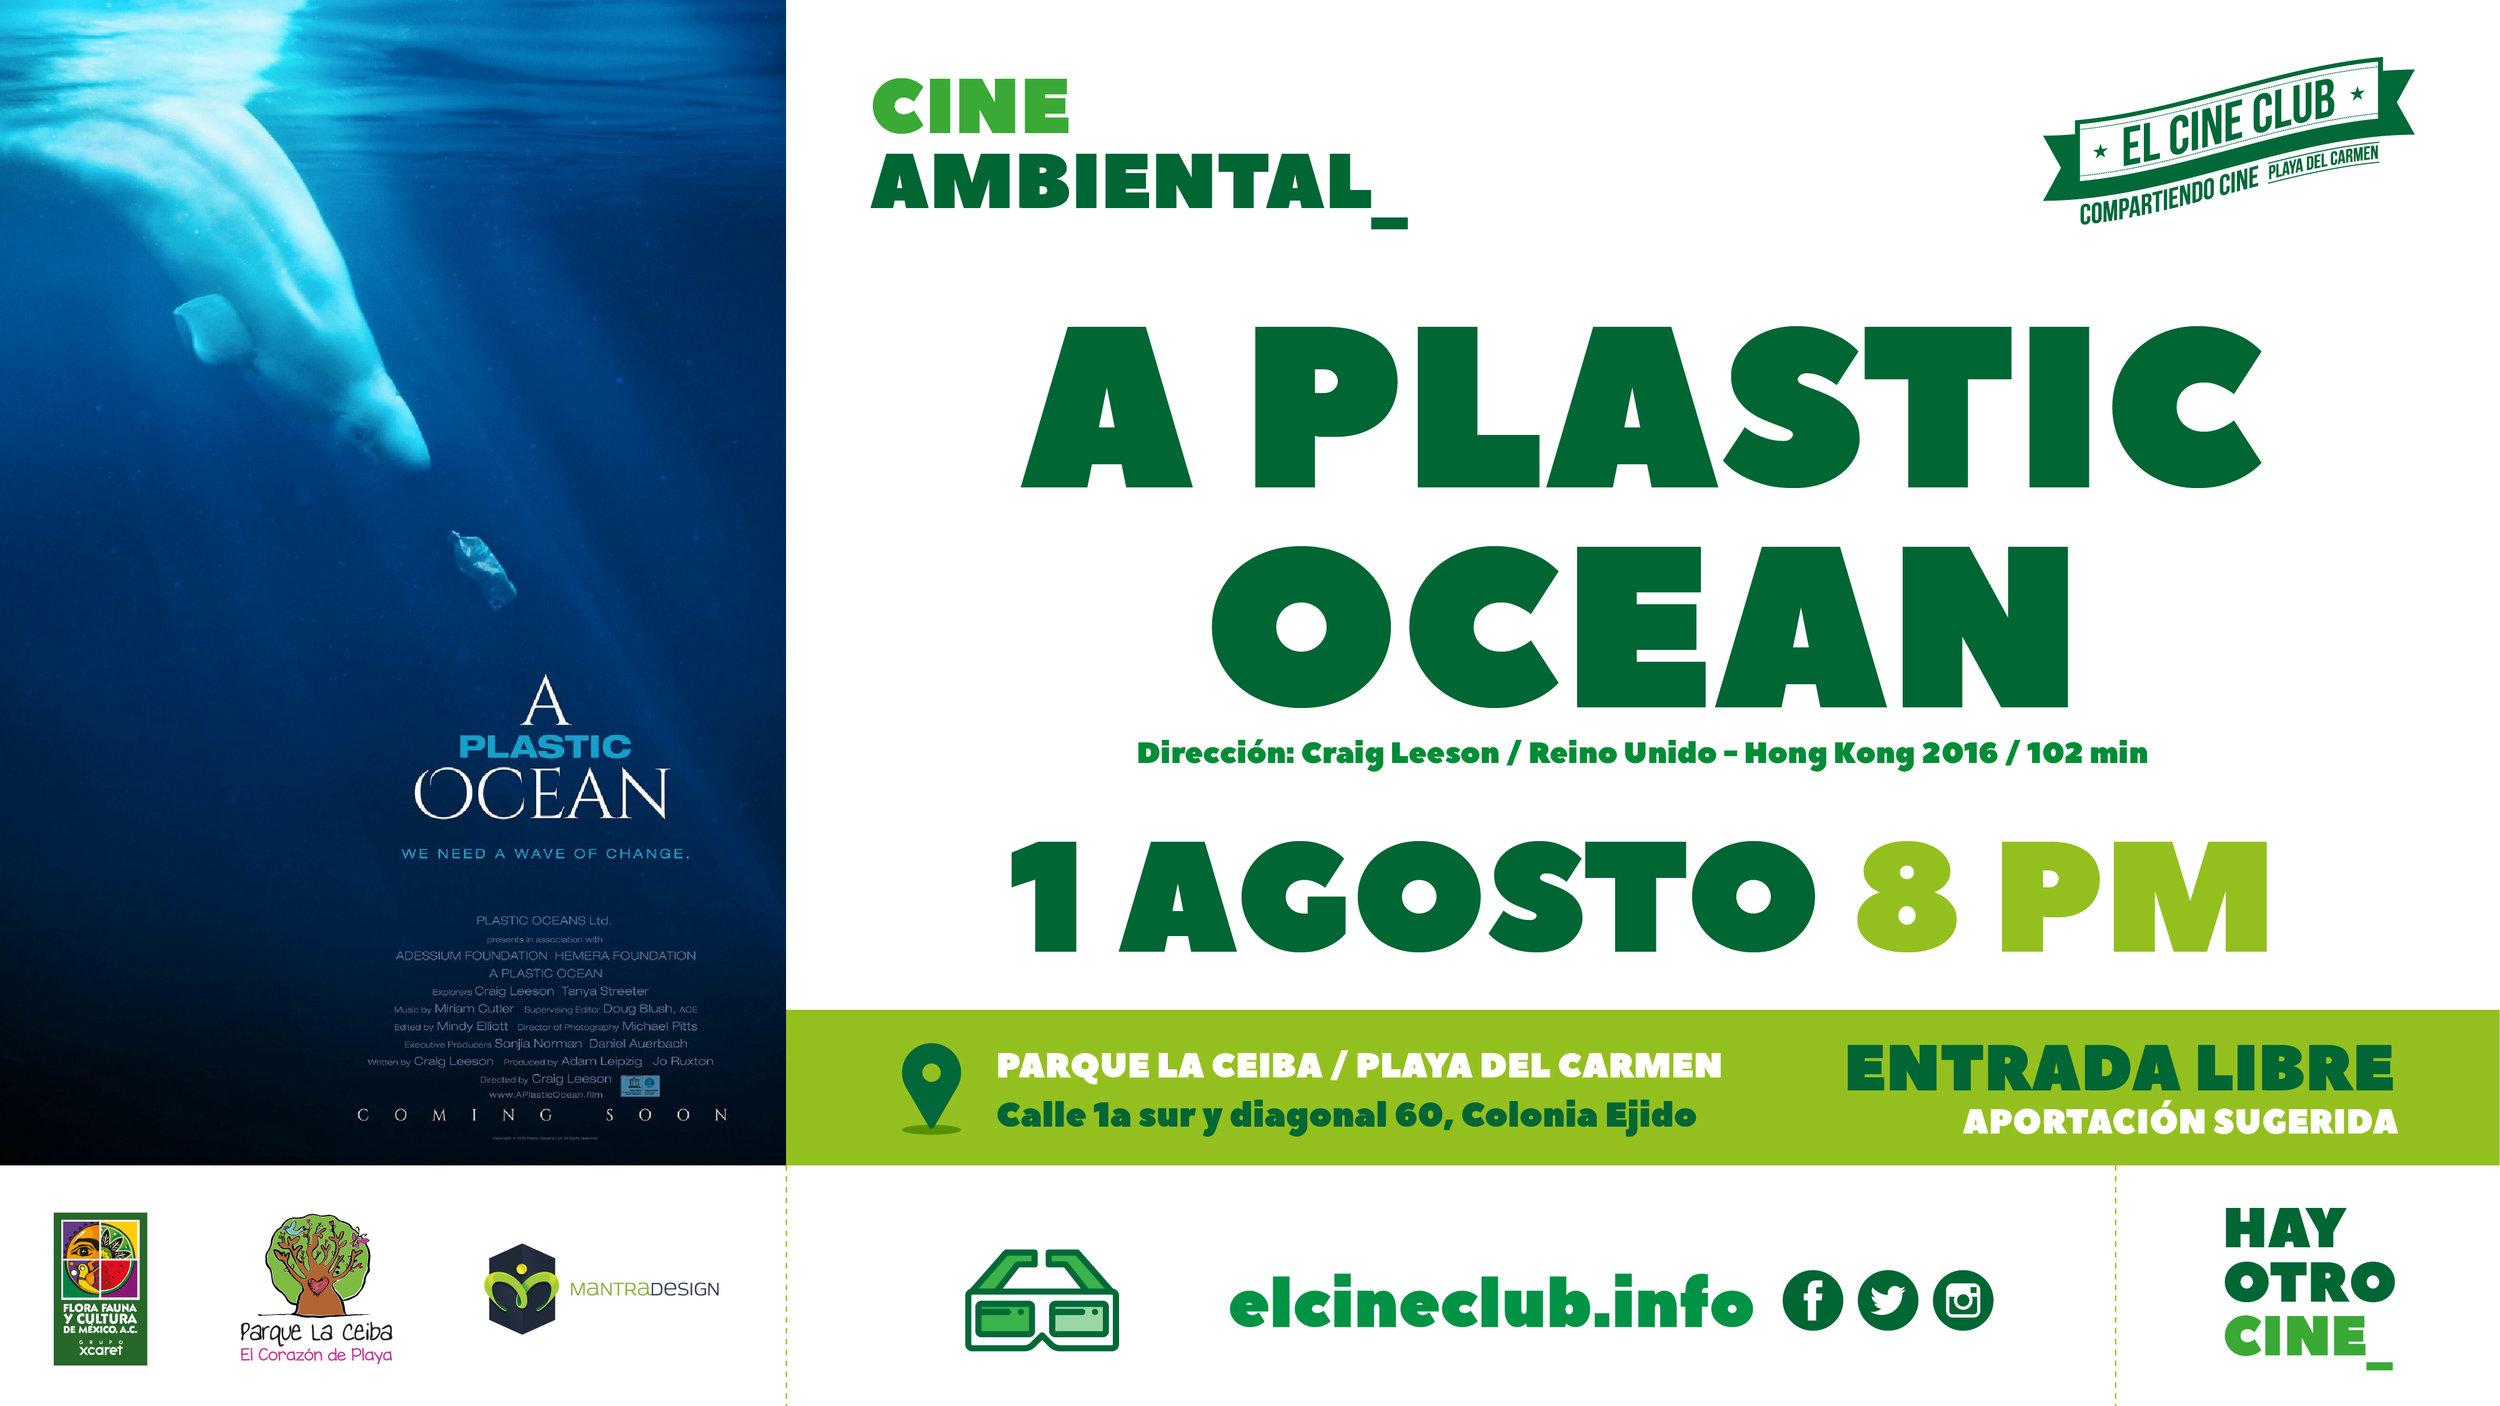 A_Plastic_Ocean_PLC_Mesa de trabajo 1 copy 40.jpg